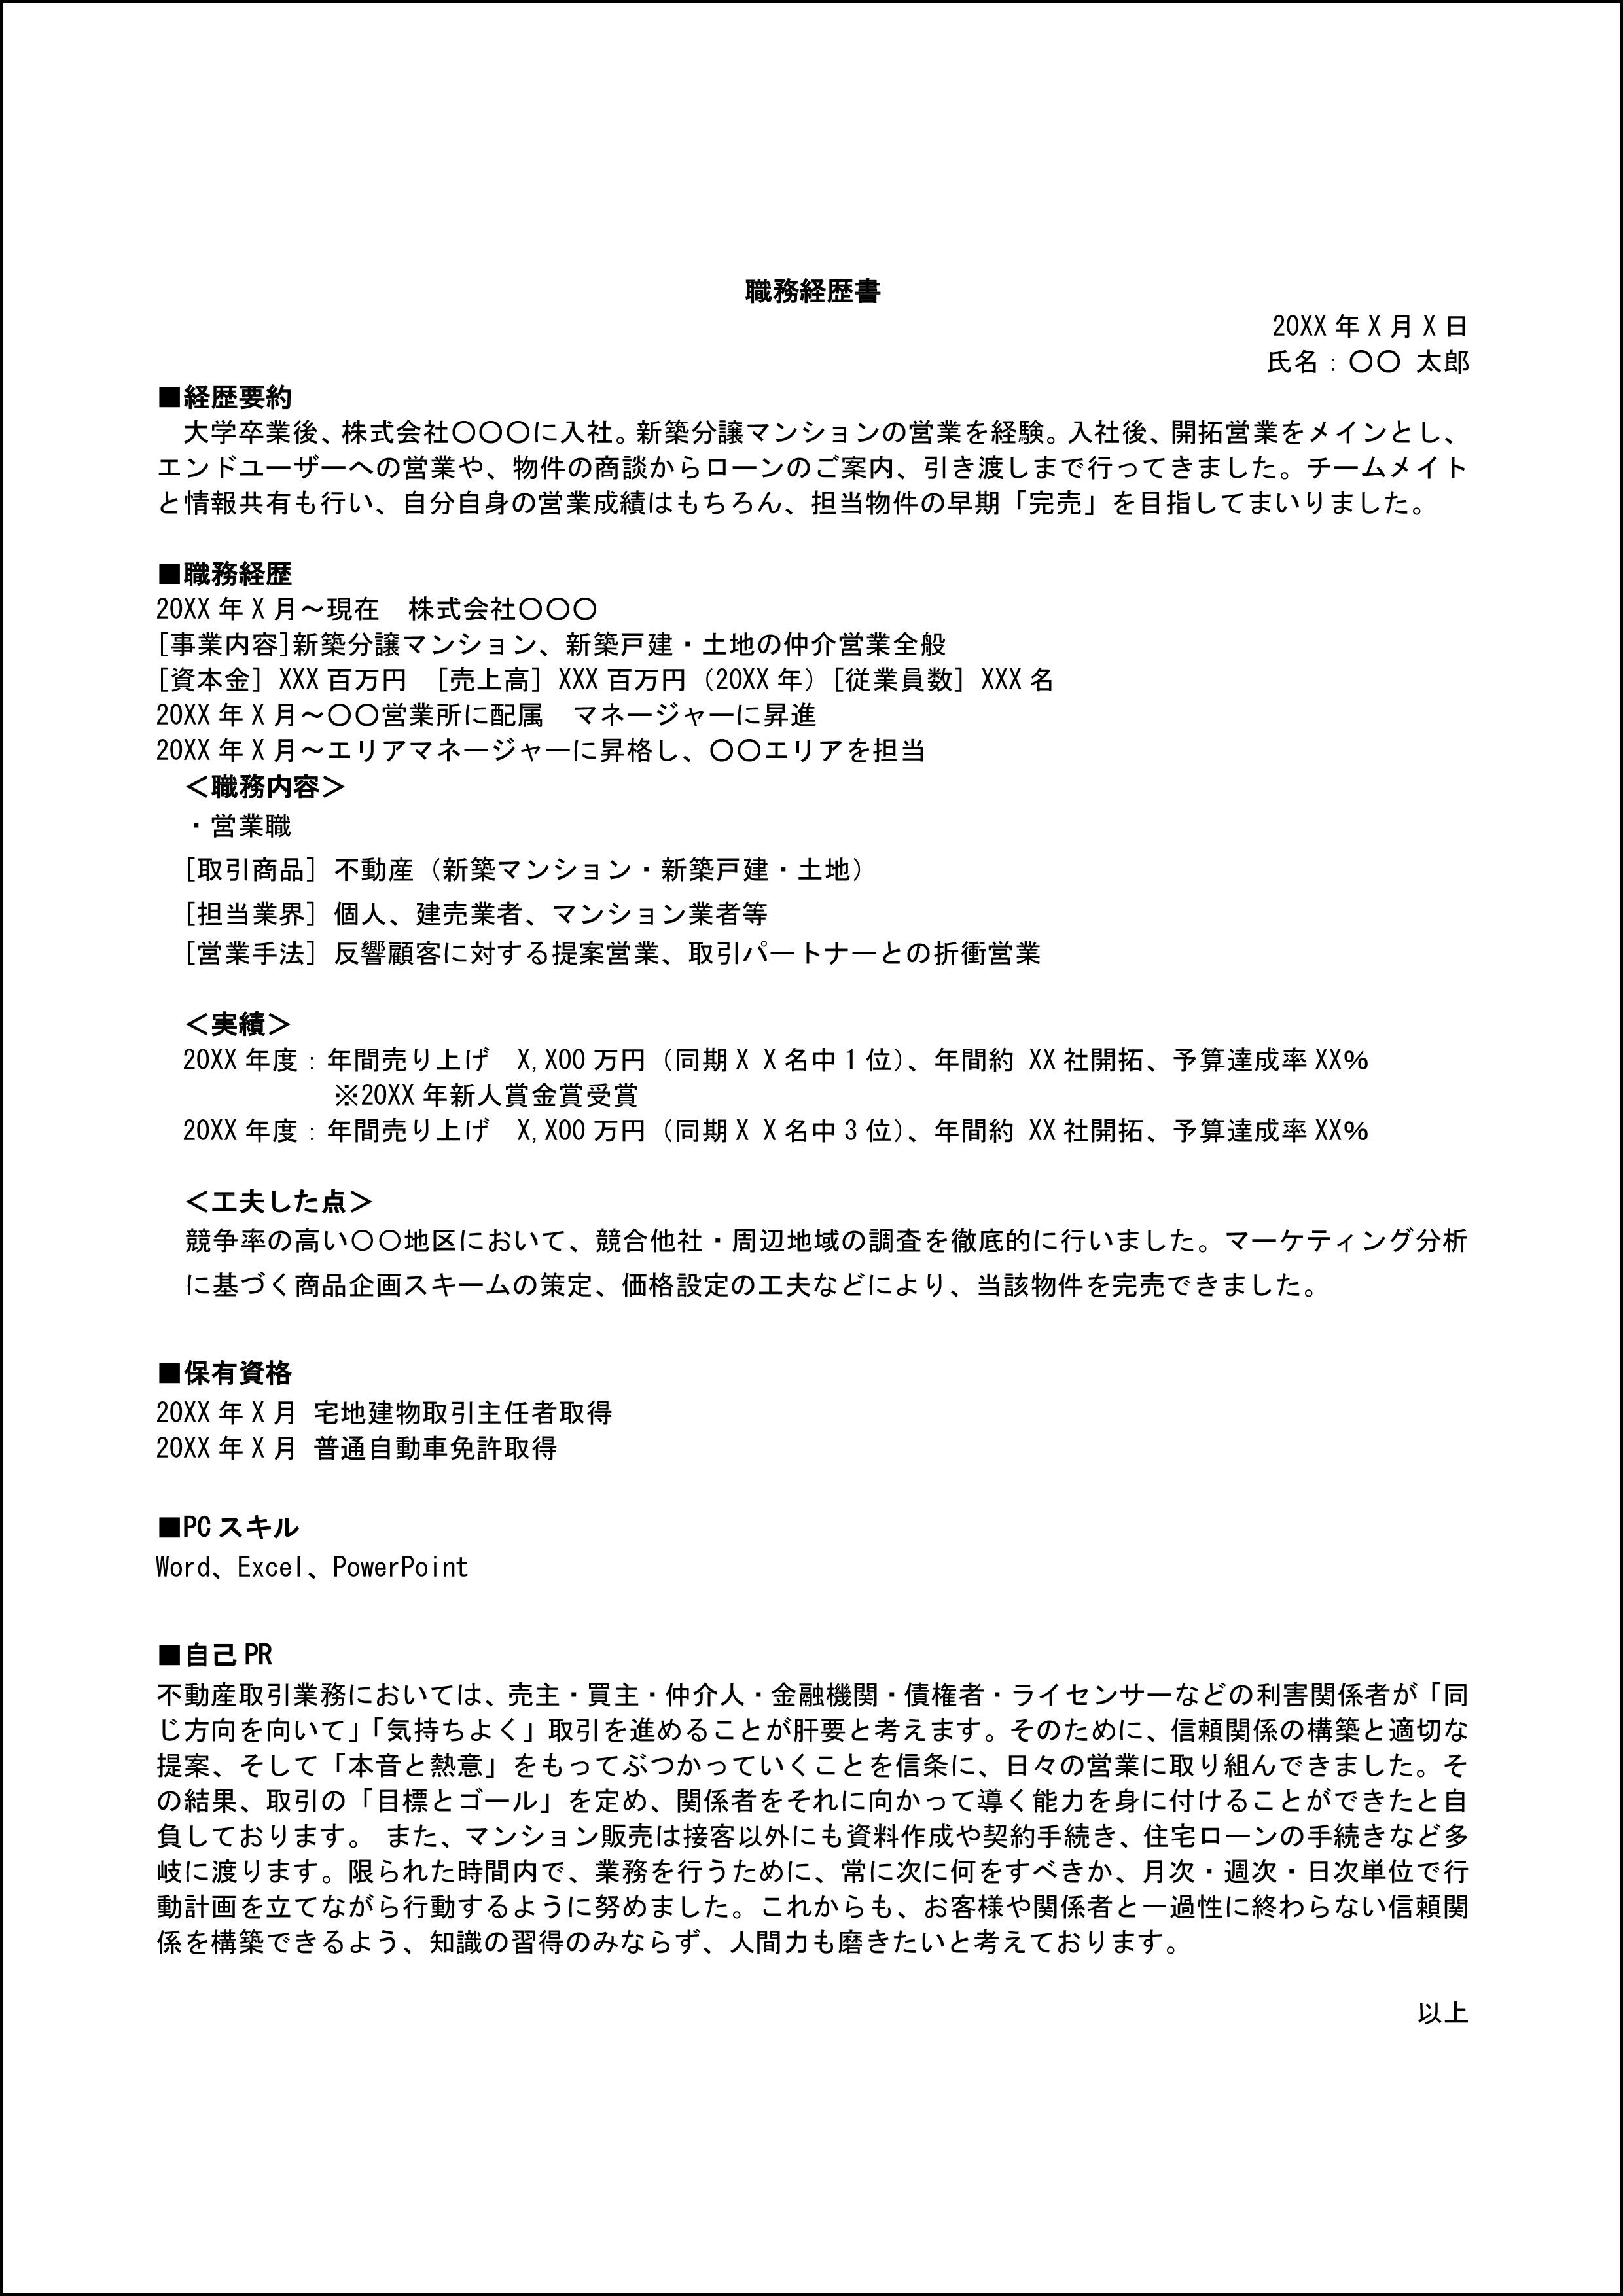 職務経歴書 サンプル